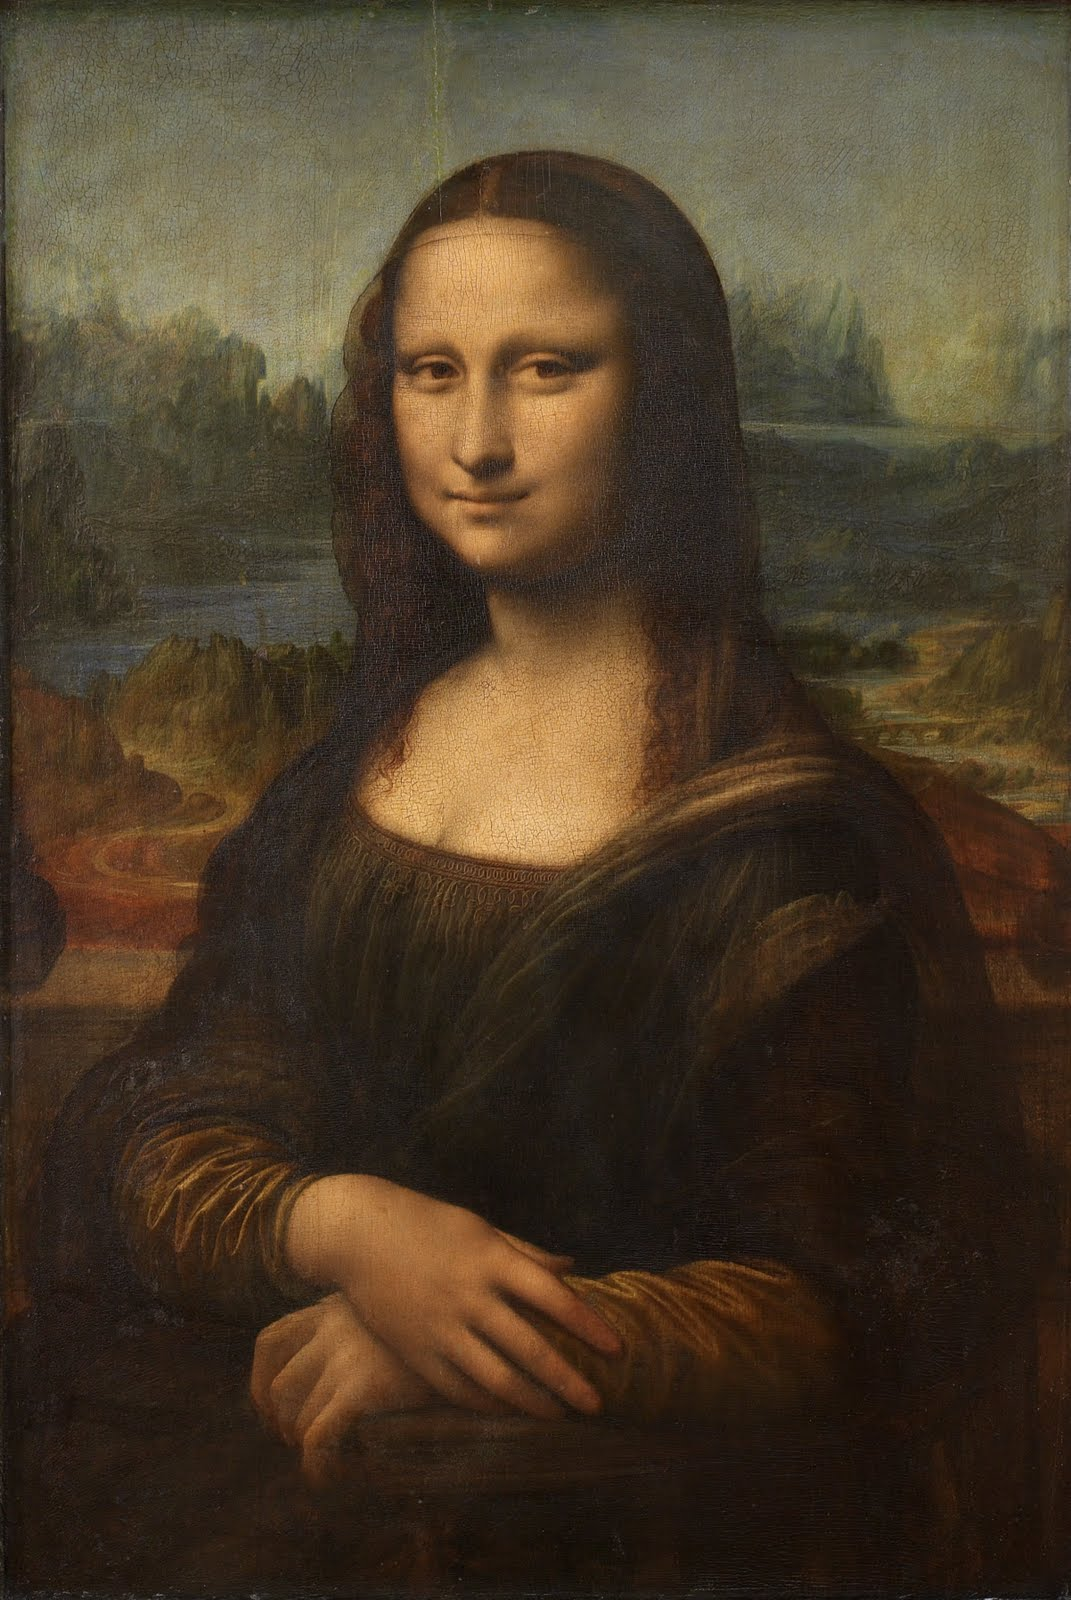 Et plusieurs gar ns de musée sont chargés de veiller sur le mystérieux visage de Mona Lisa devant lequel ont défilé 8 5 millions de personnes en 2008